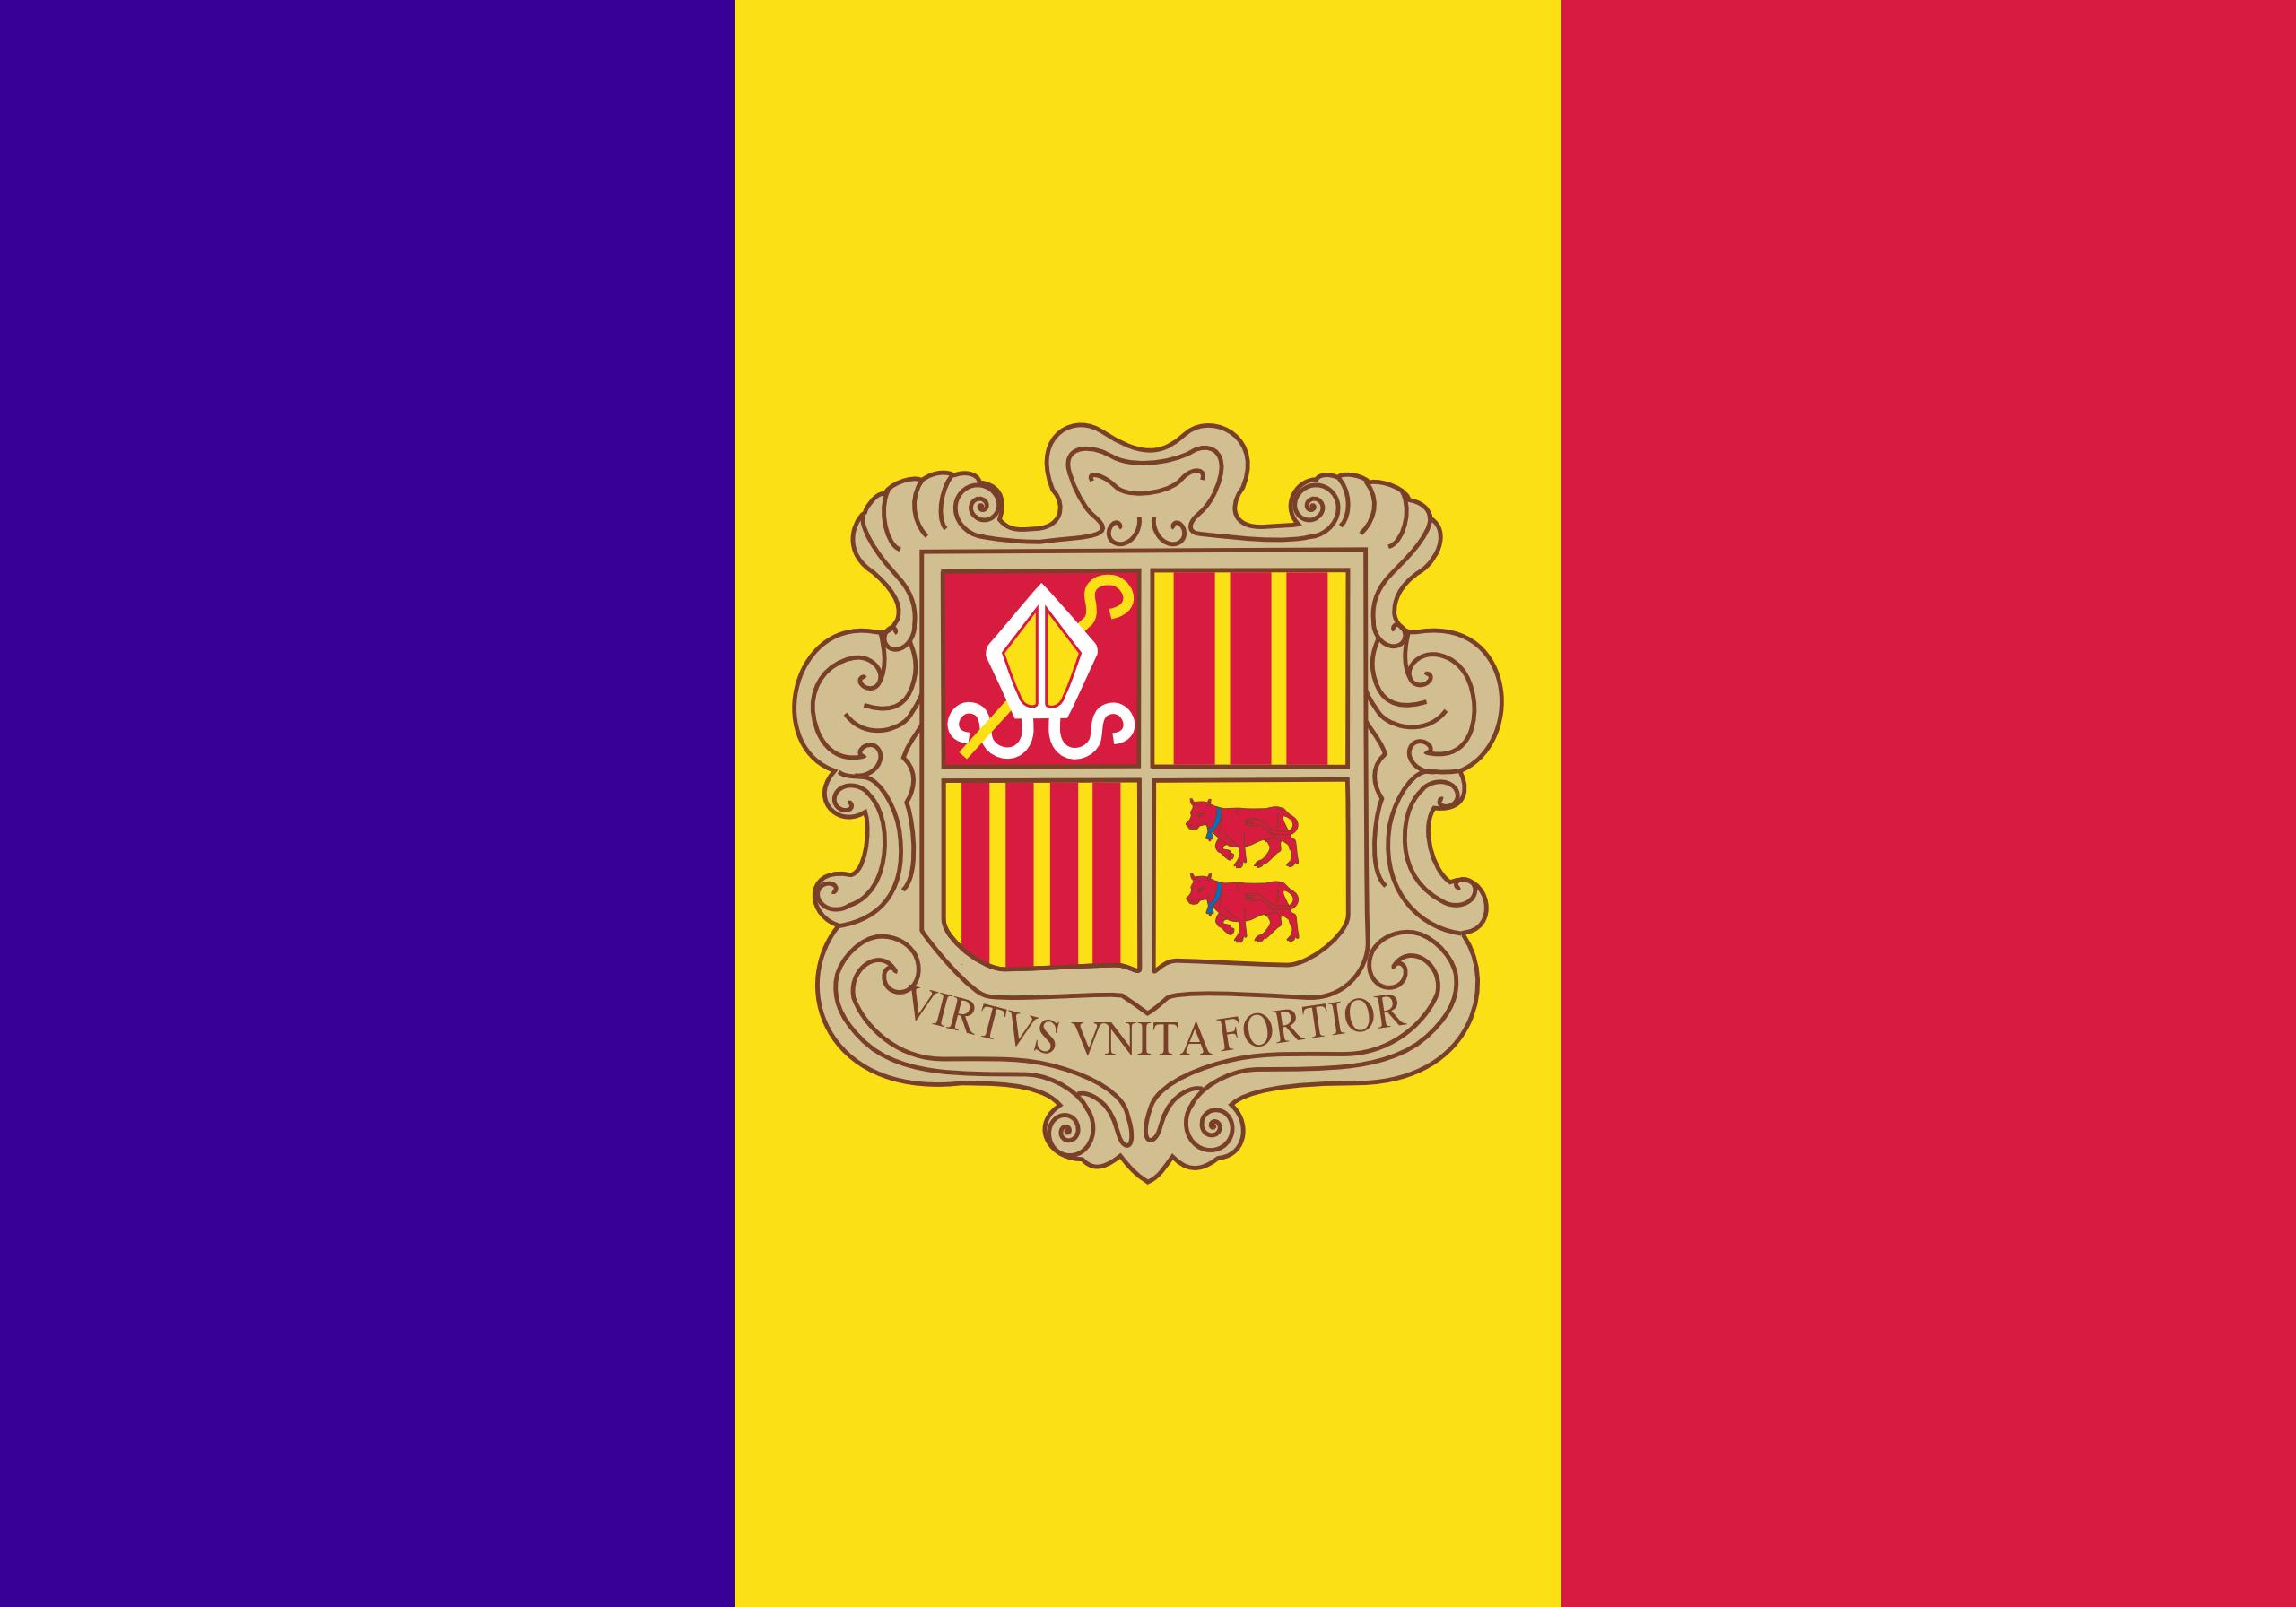 andorra, pays, emblème, logo, symbole - Fonds d'écran HD - Professor-falken.com